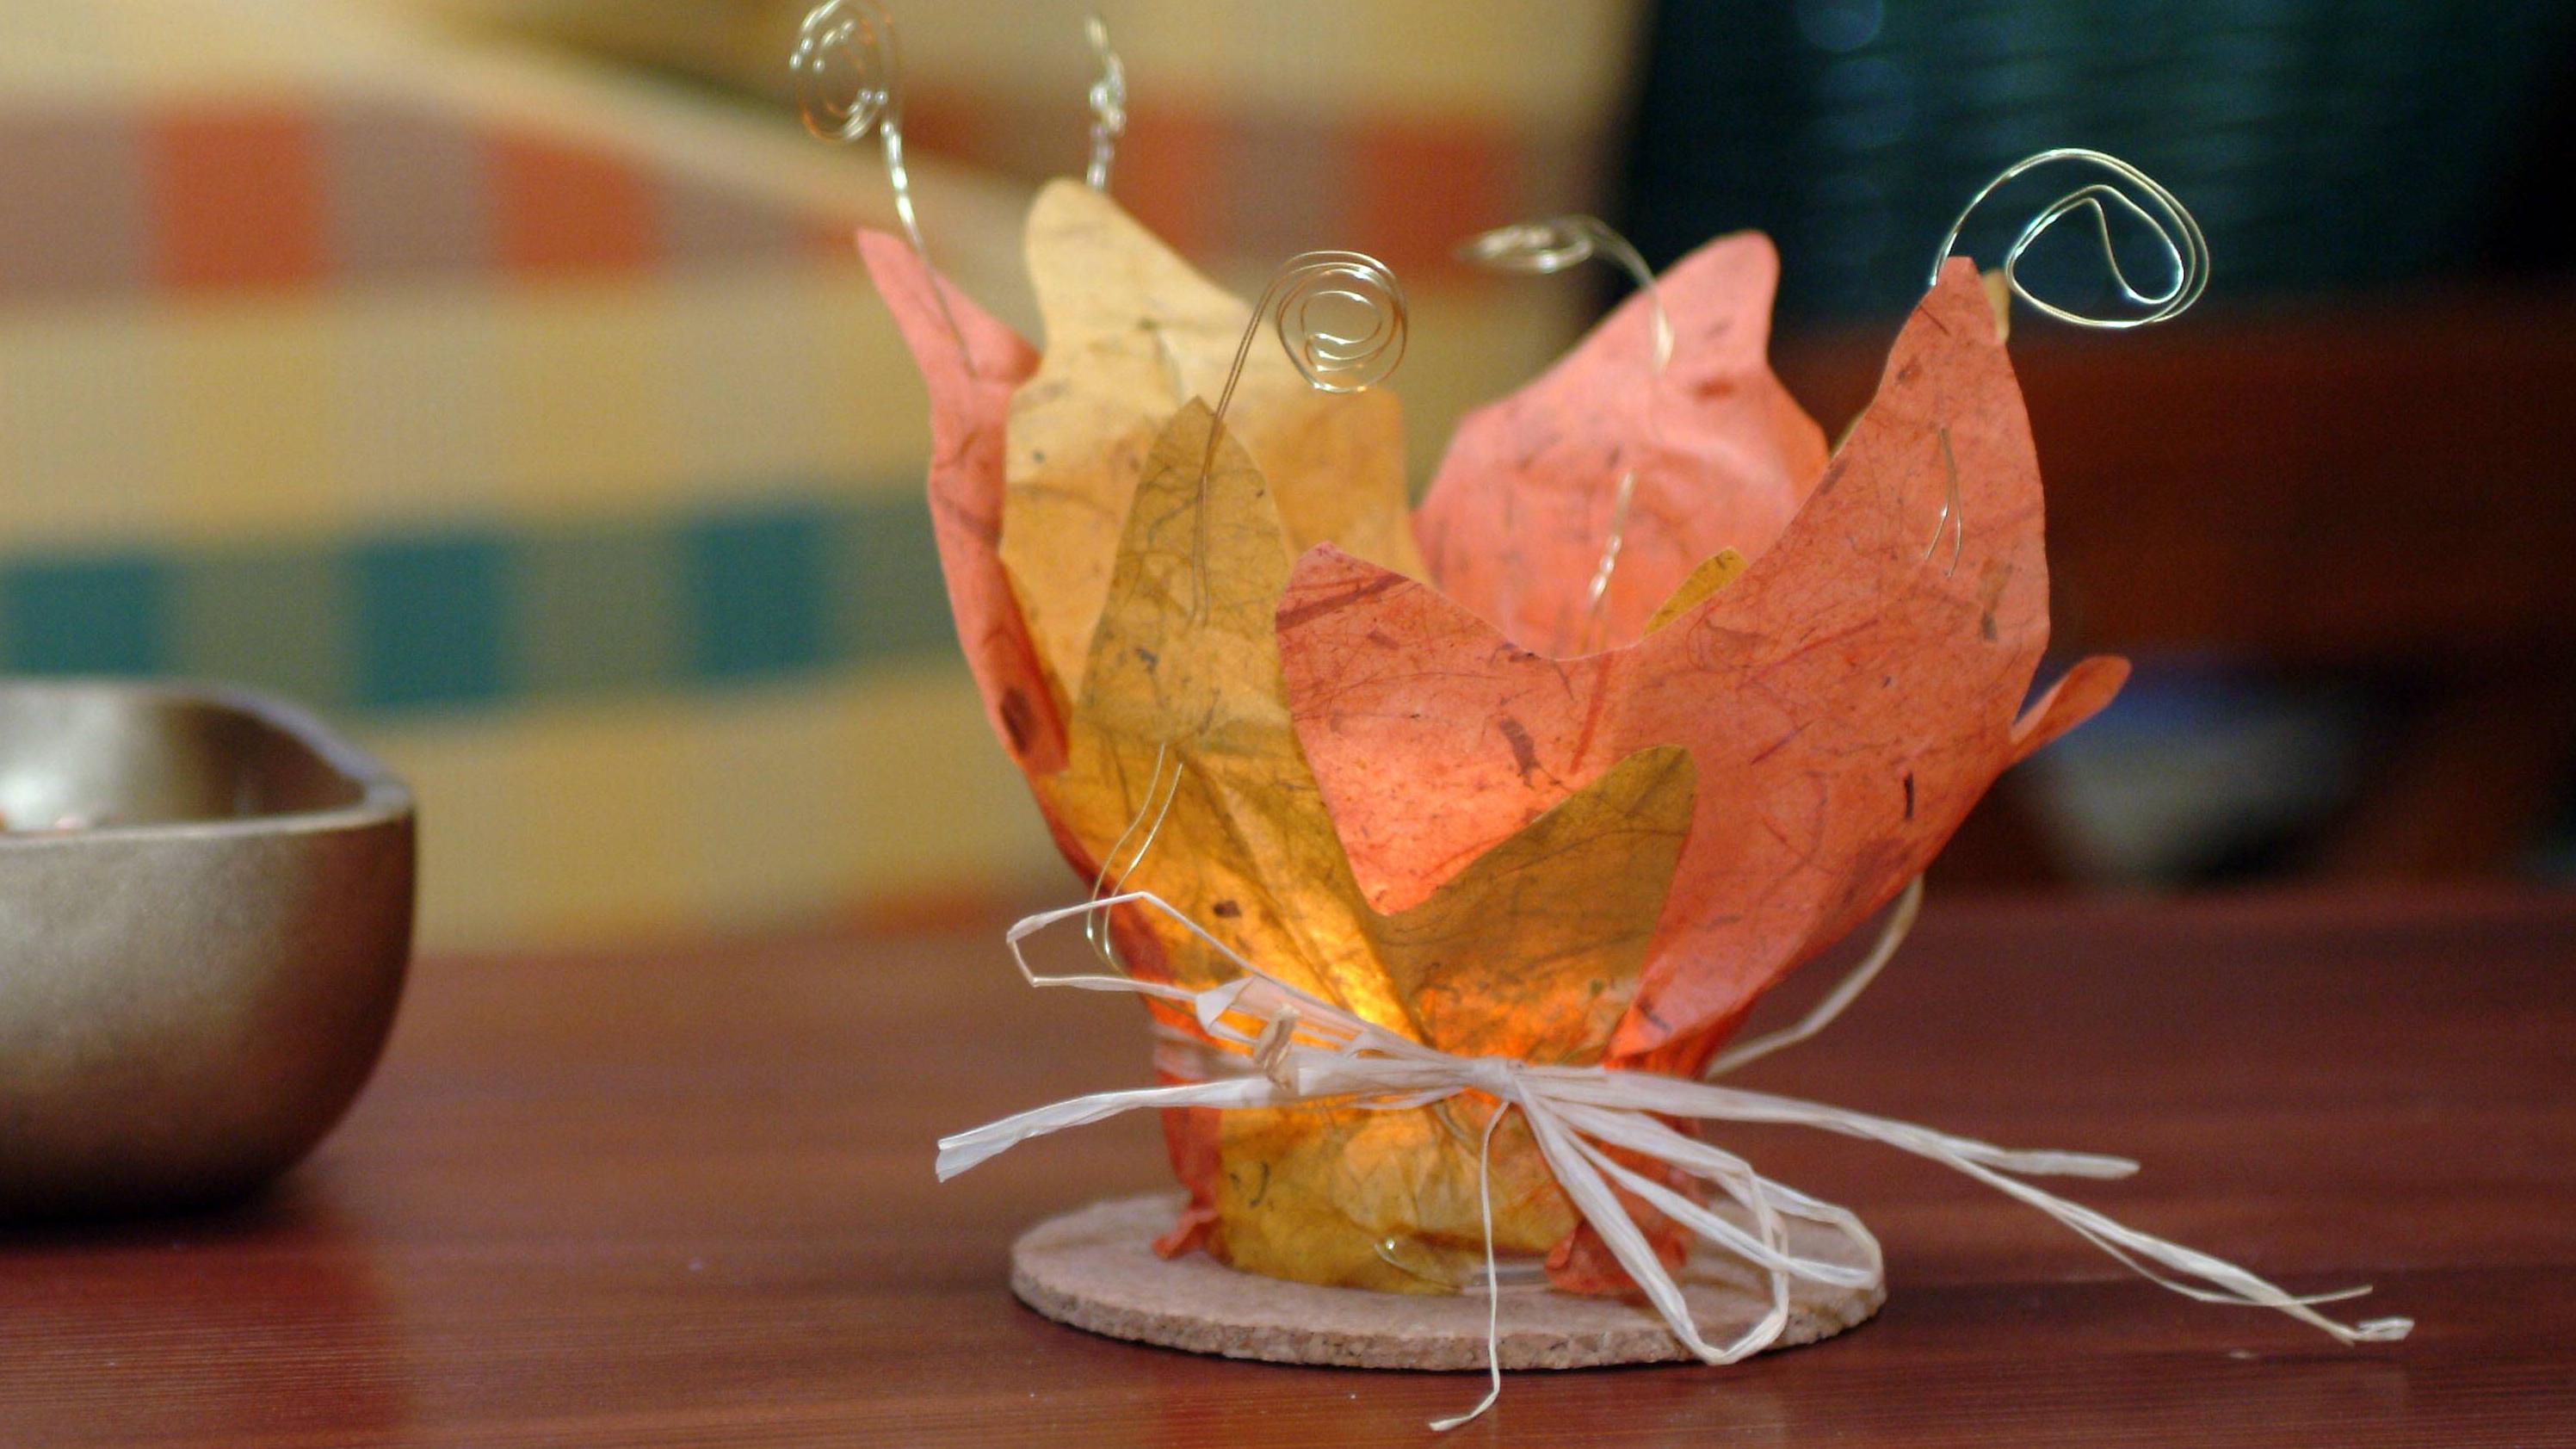 Ein selbstgebastelter Teelichthalter bringt Wärme und Licht in die Herbstzeit.